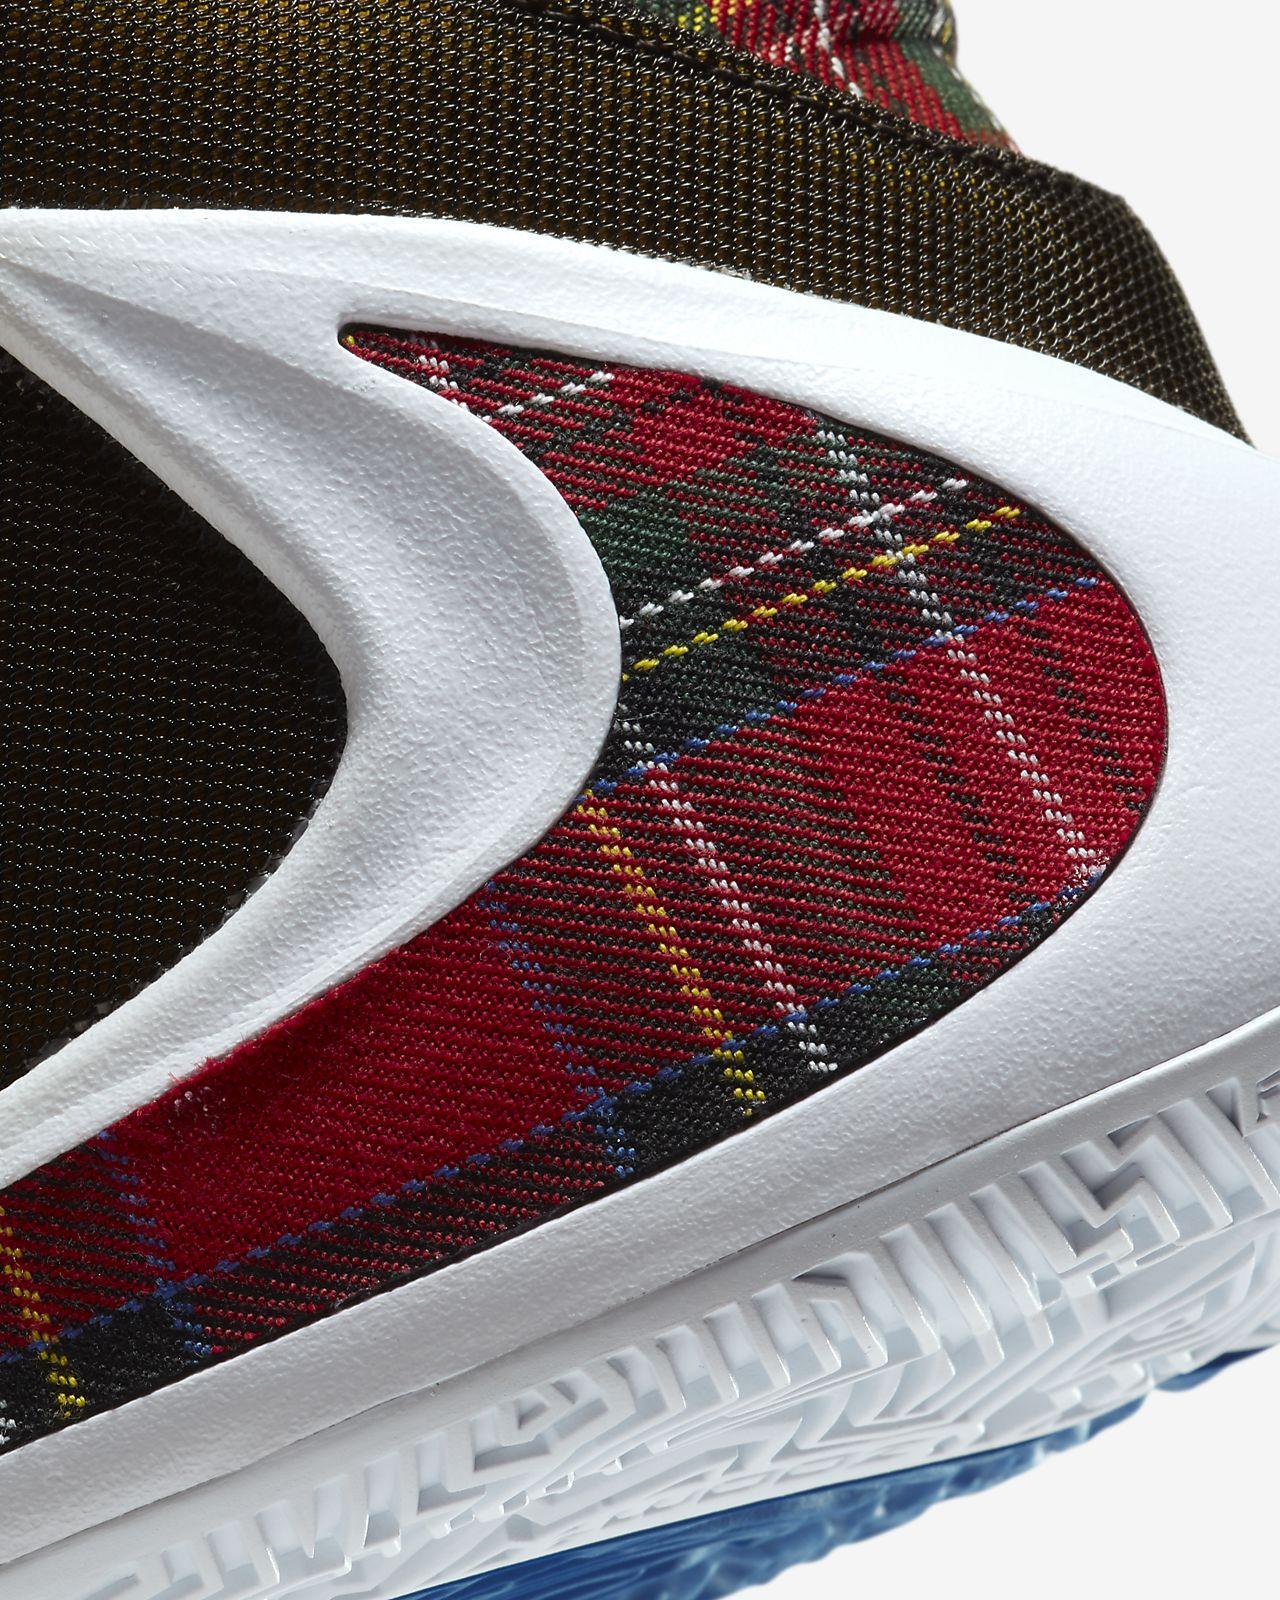 Nike zoom freak 1 scarpe basket per nero maxi sport neri da basket